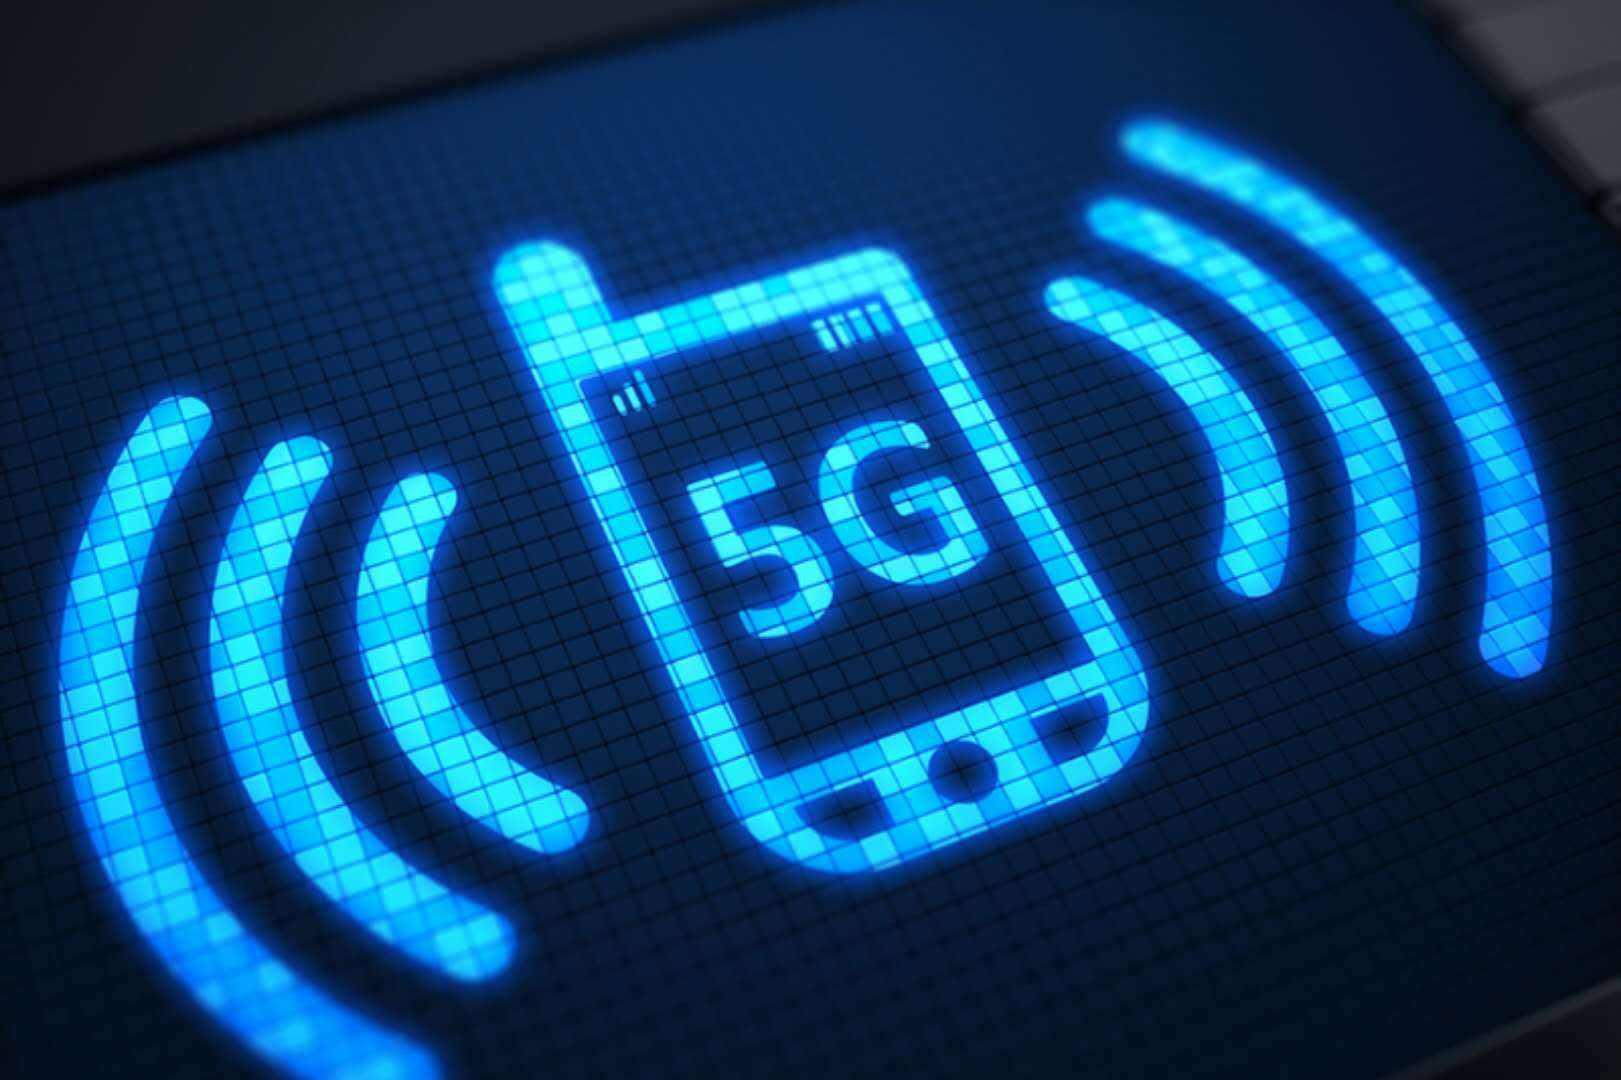 热点聚焦:万物互联启新篇,今年会是5G元年吗?